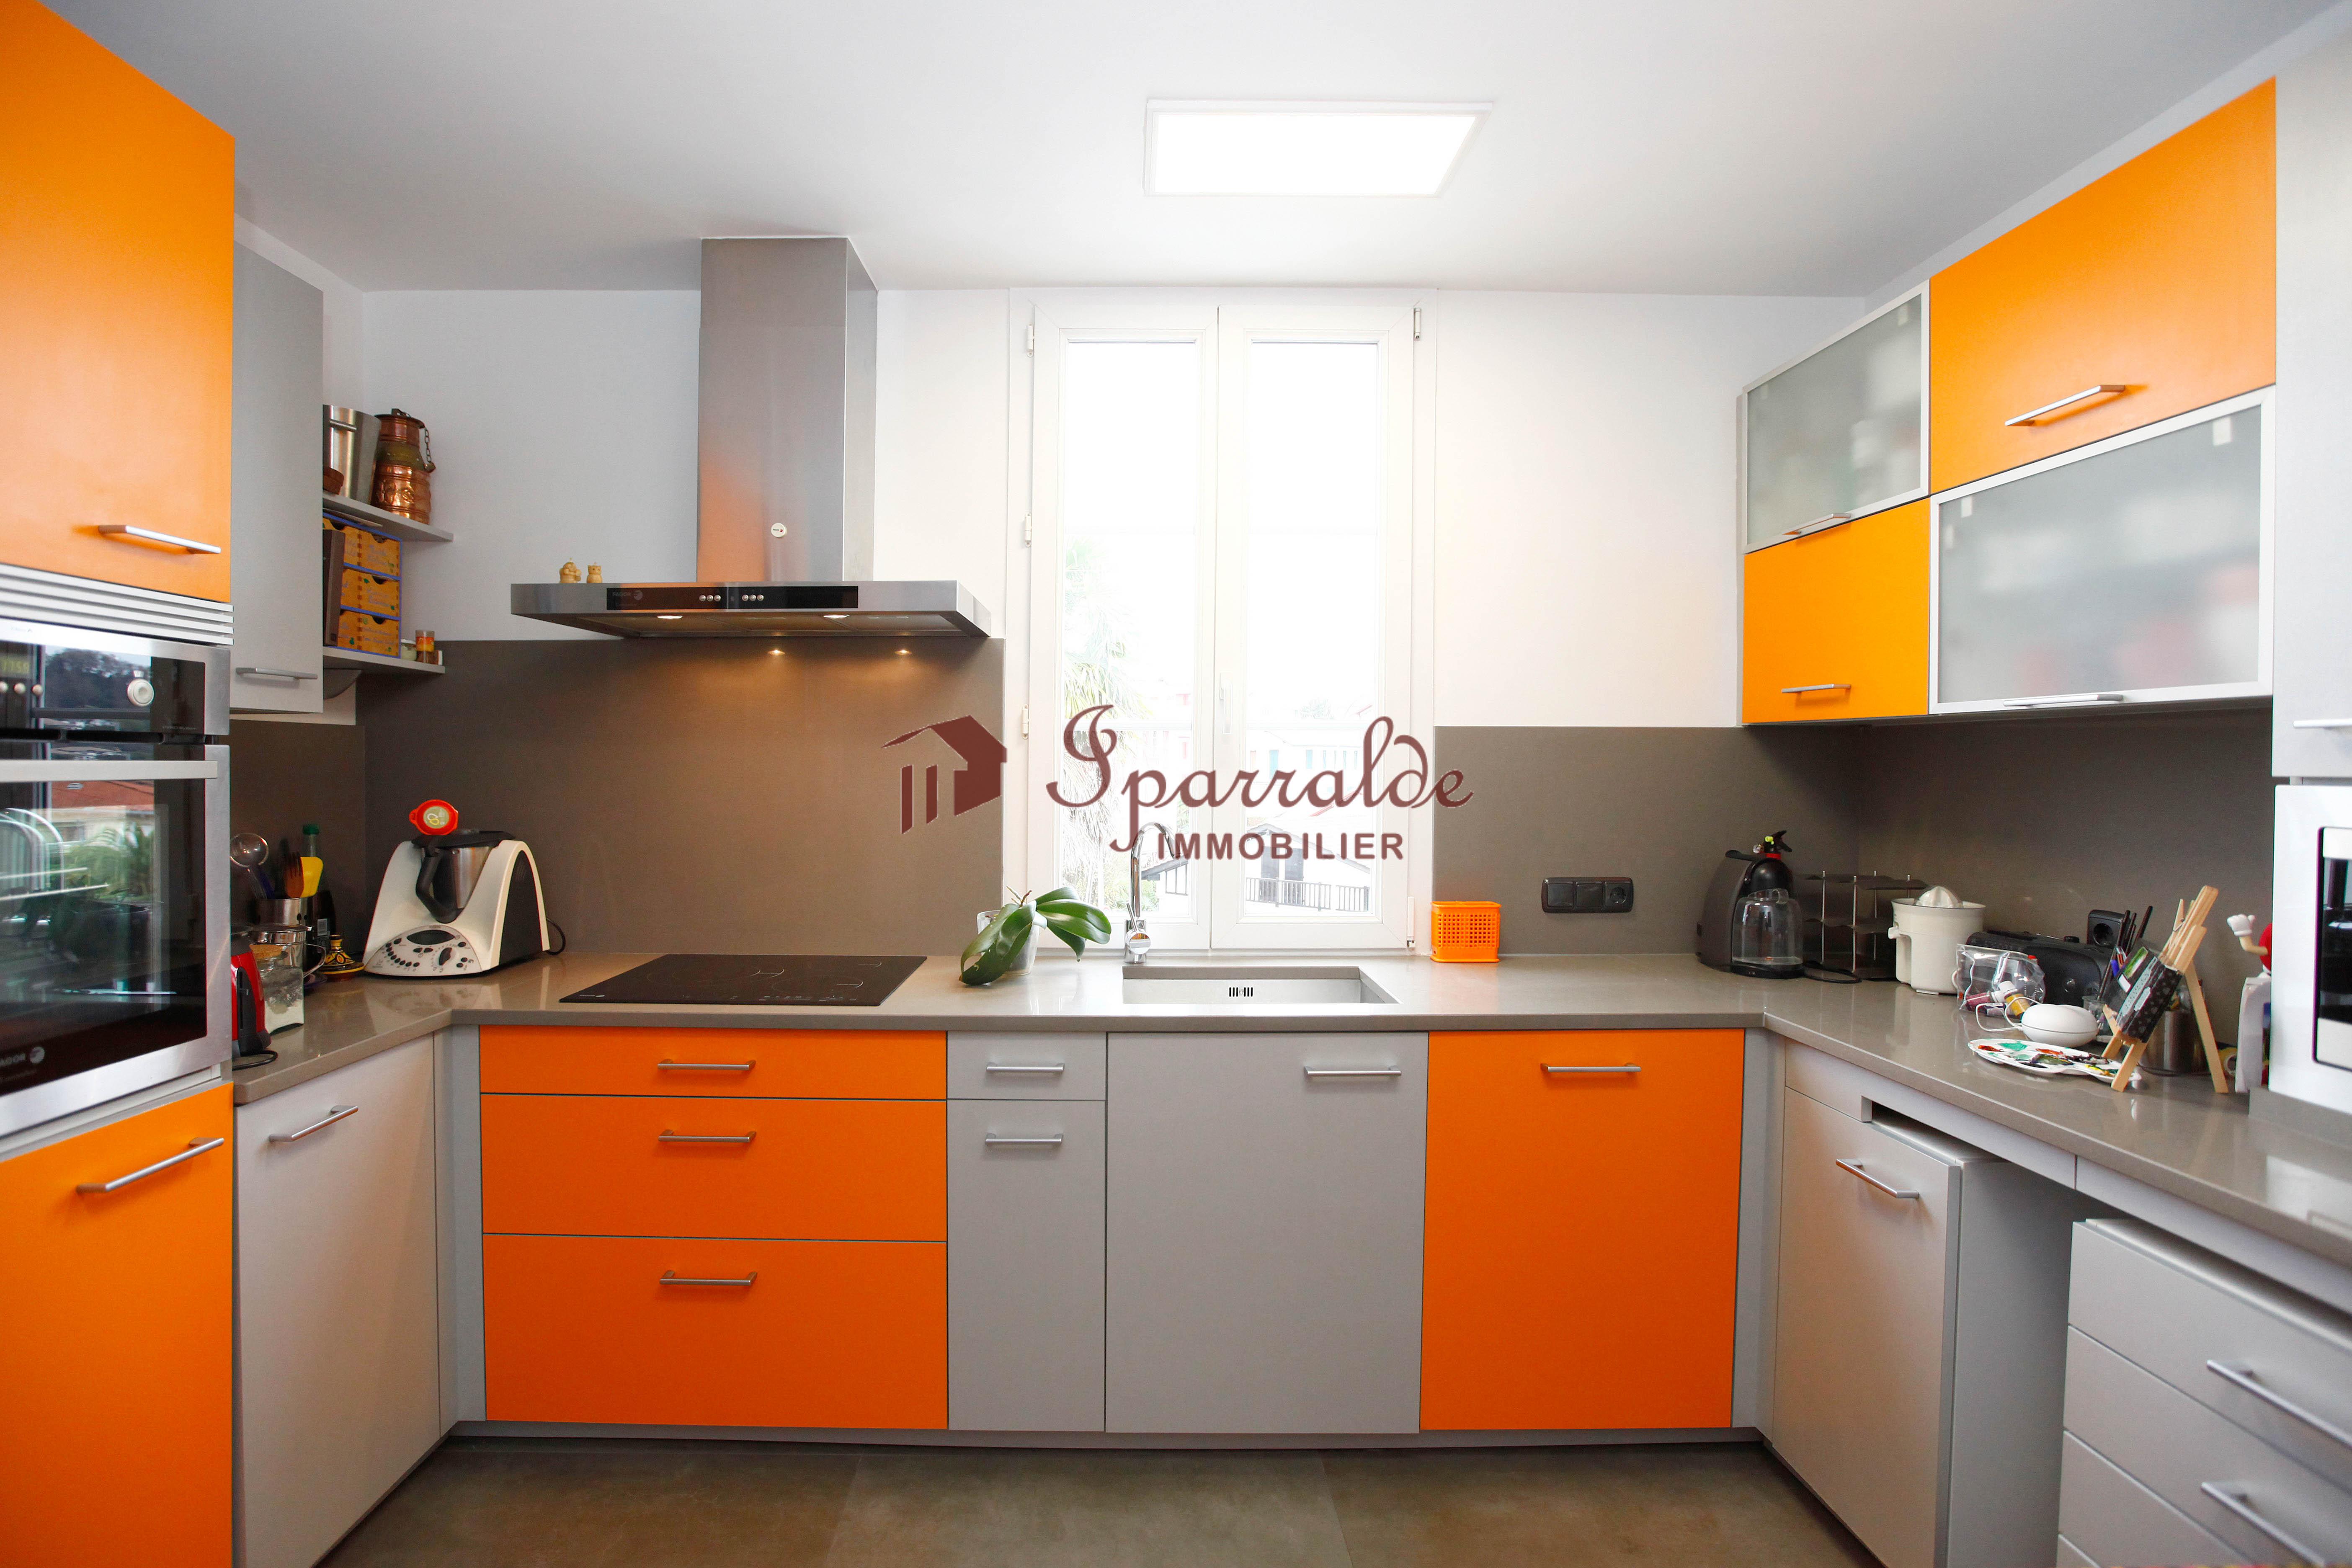 Bel appartement  T4 en duplex de 78 m2 + 36m2 hors loi Carrez situé dans le centre historique d'Hendaye!